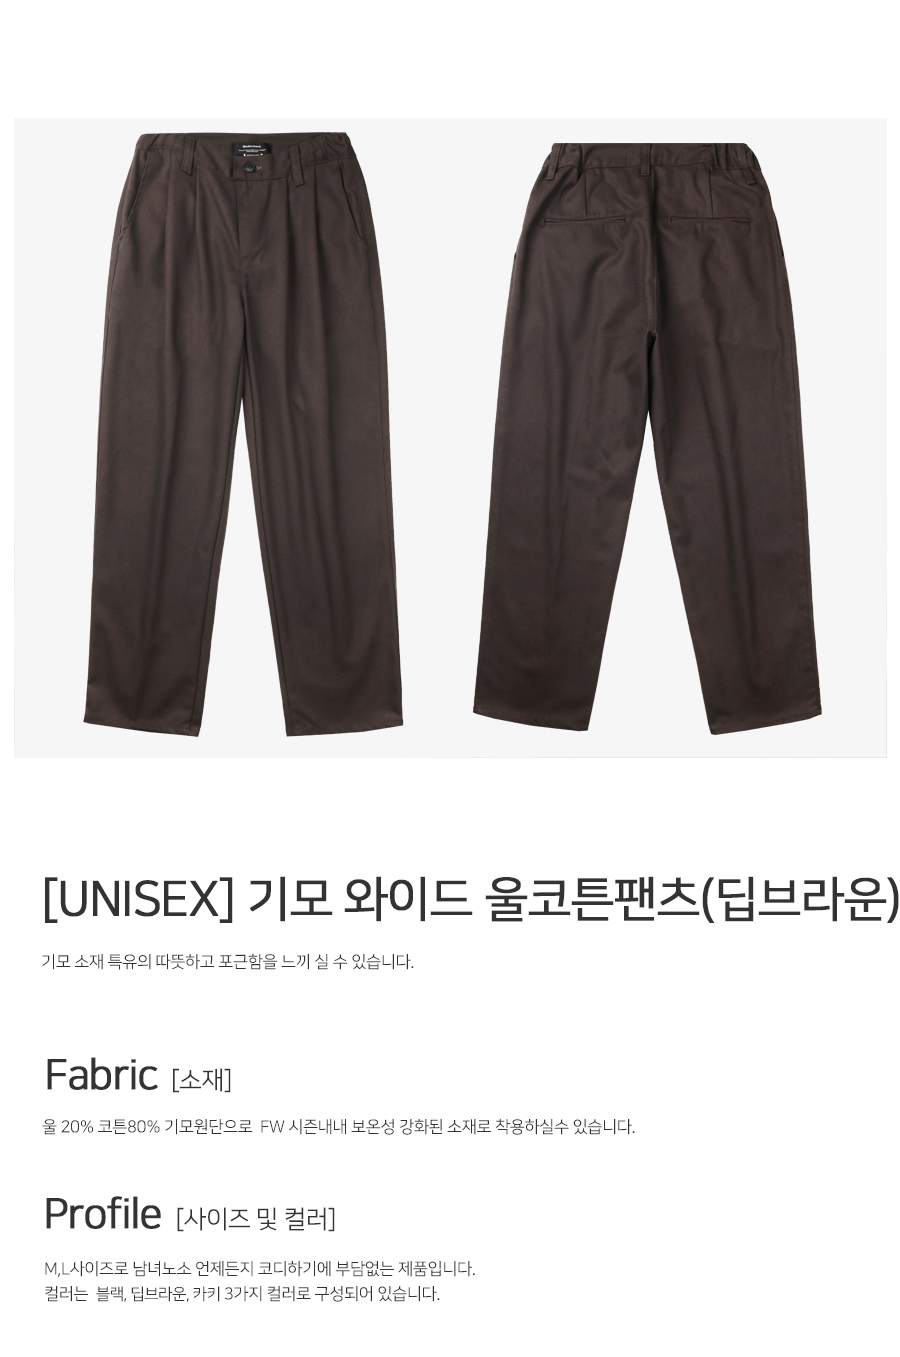 [모더먼트] UNISEX 기모 와이드 울코튼팬츠(딥브라운)